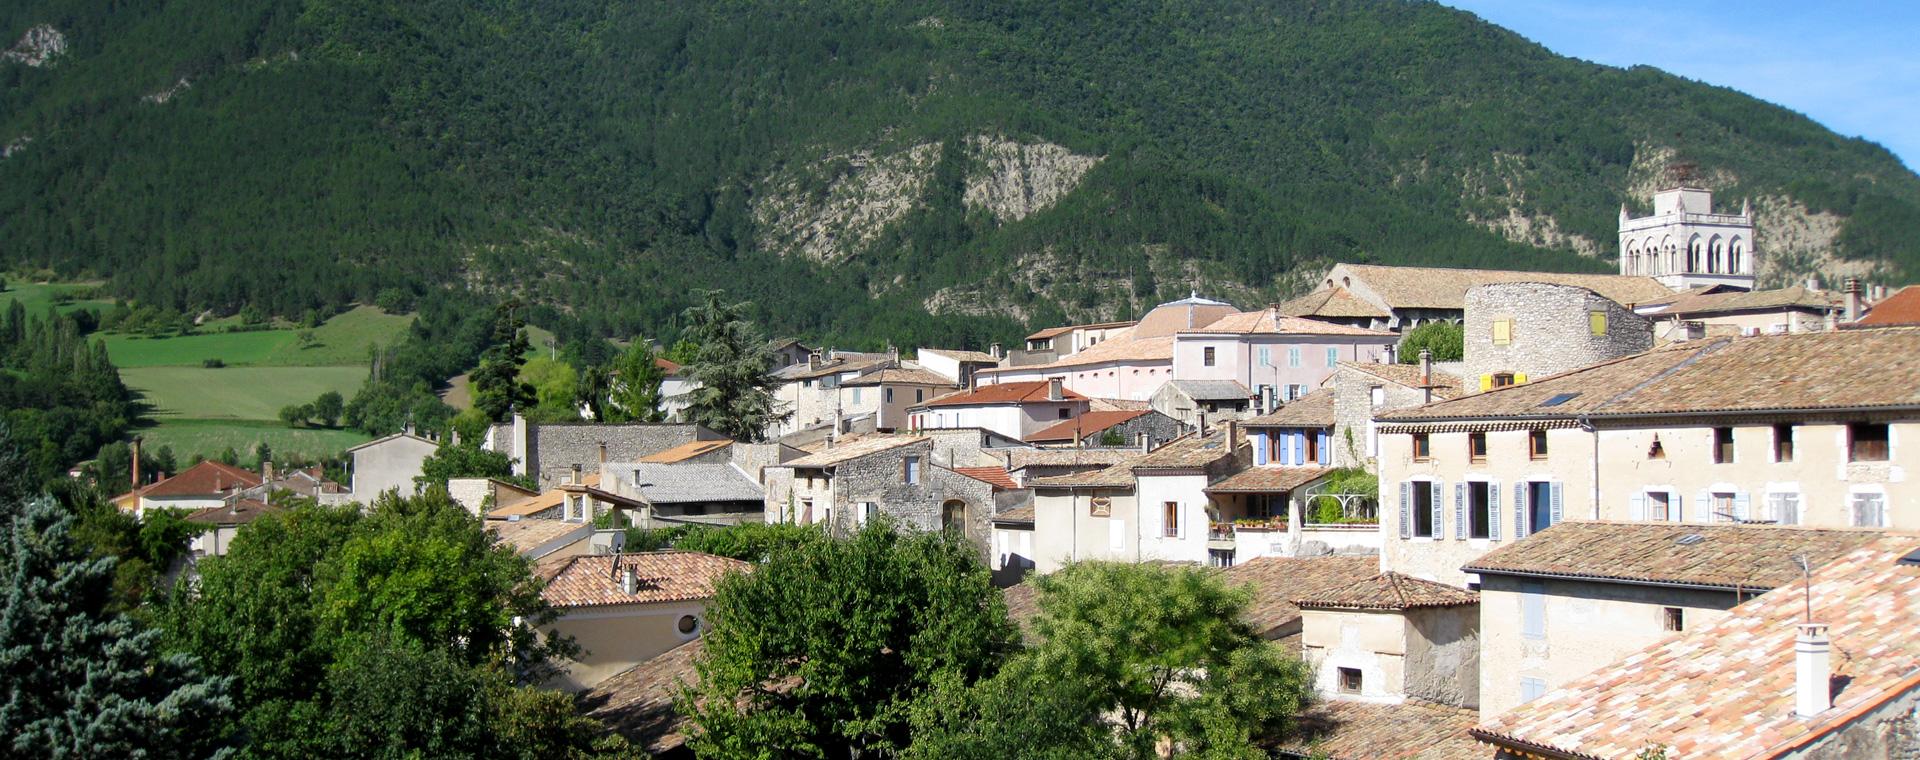 Voyage à pied France : Grand tour du Vercors